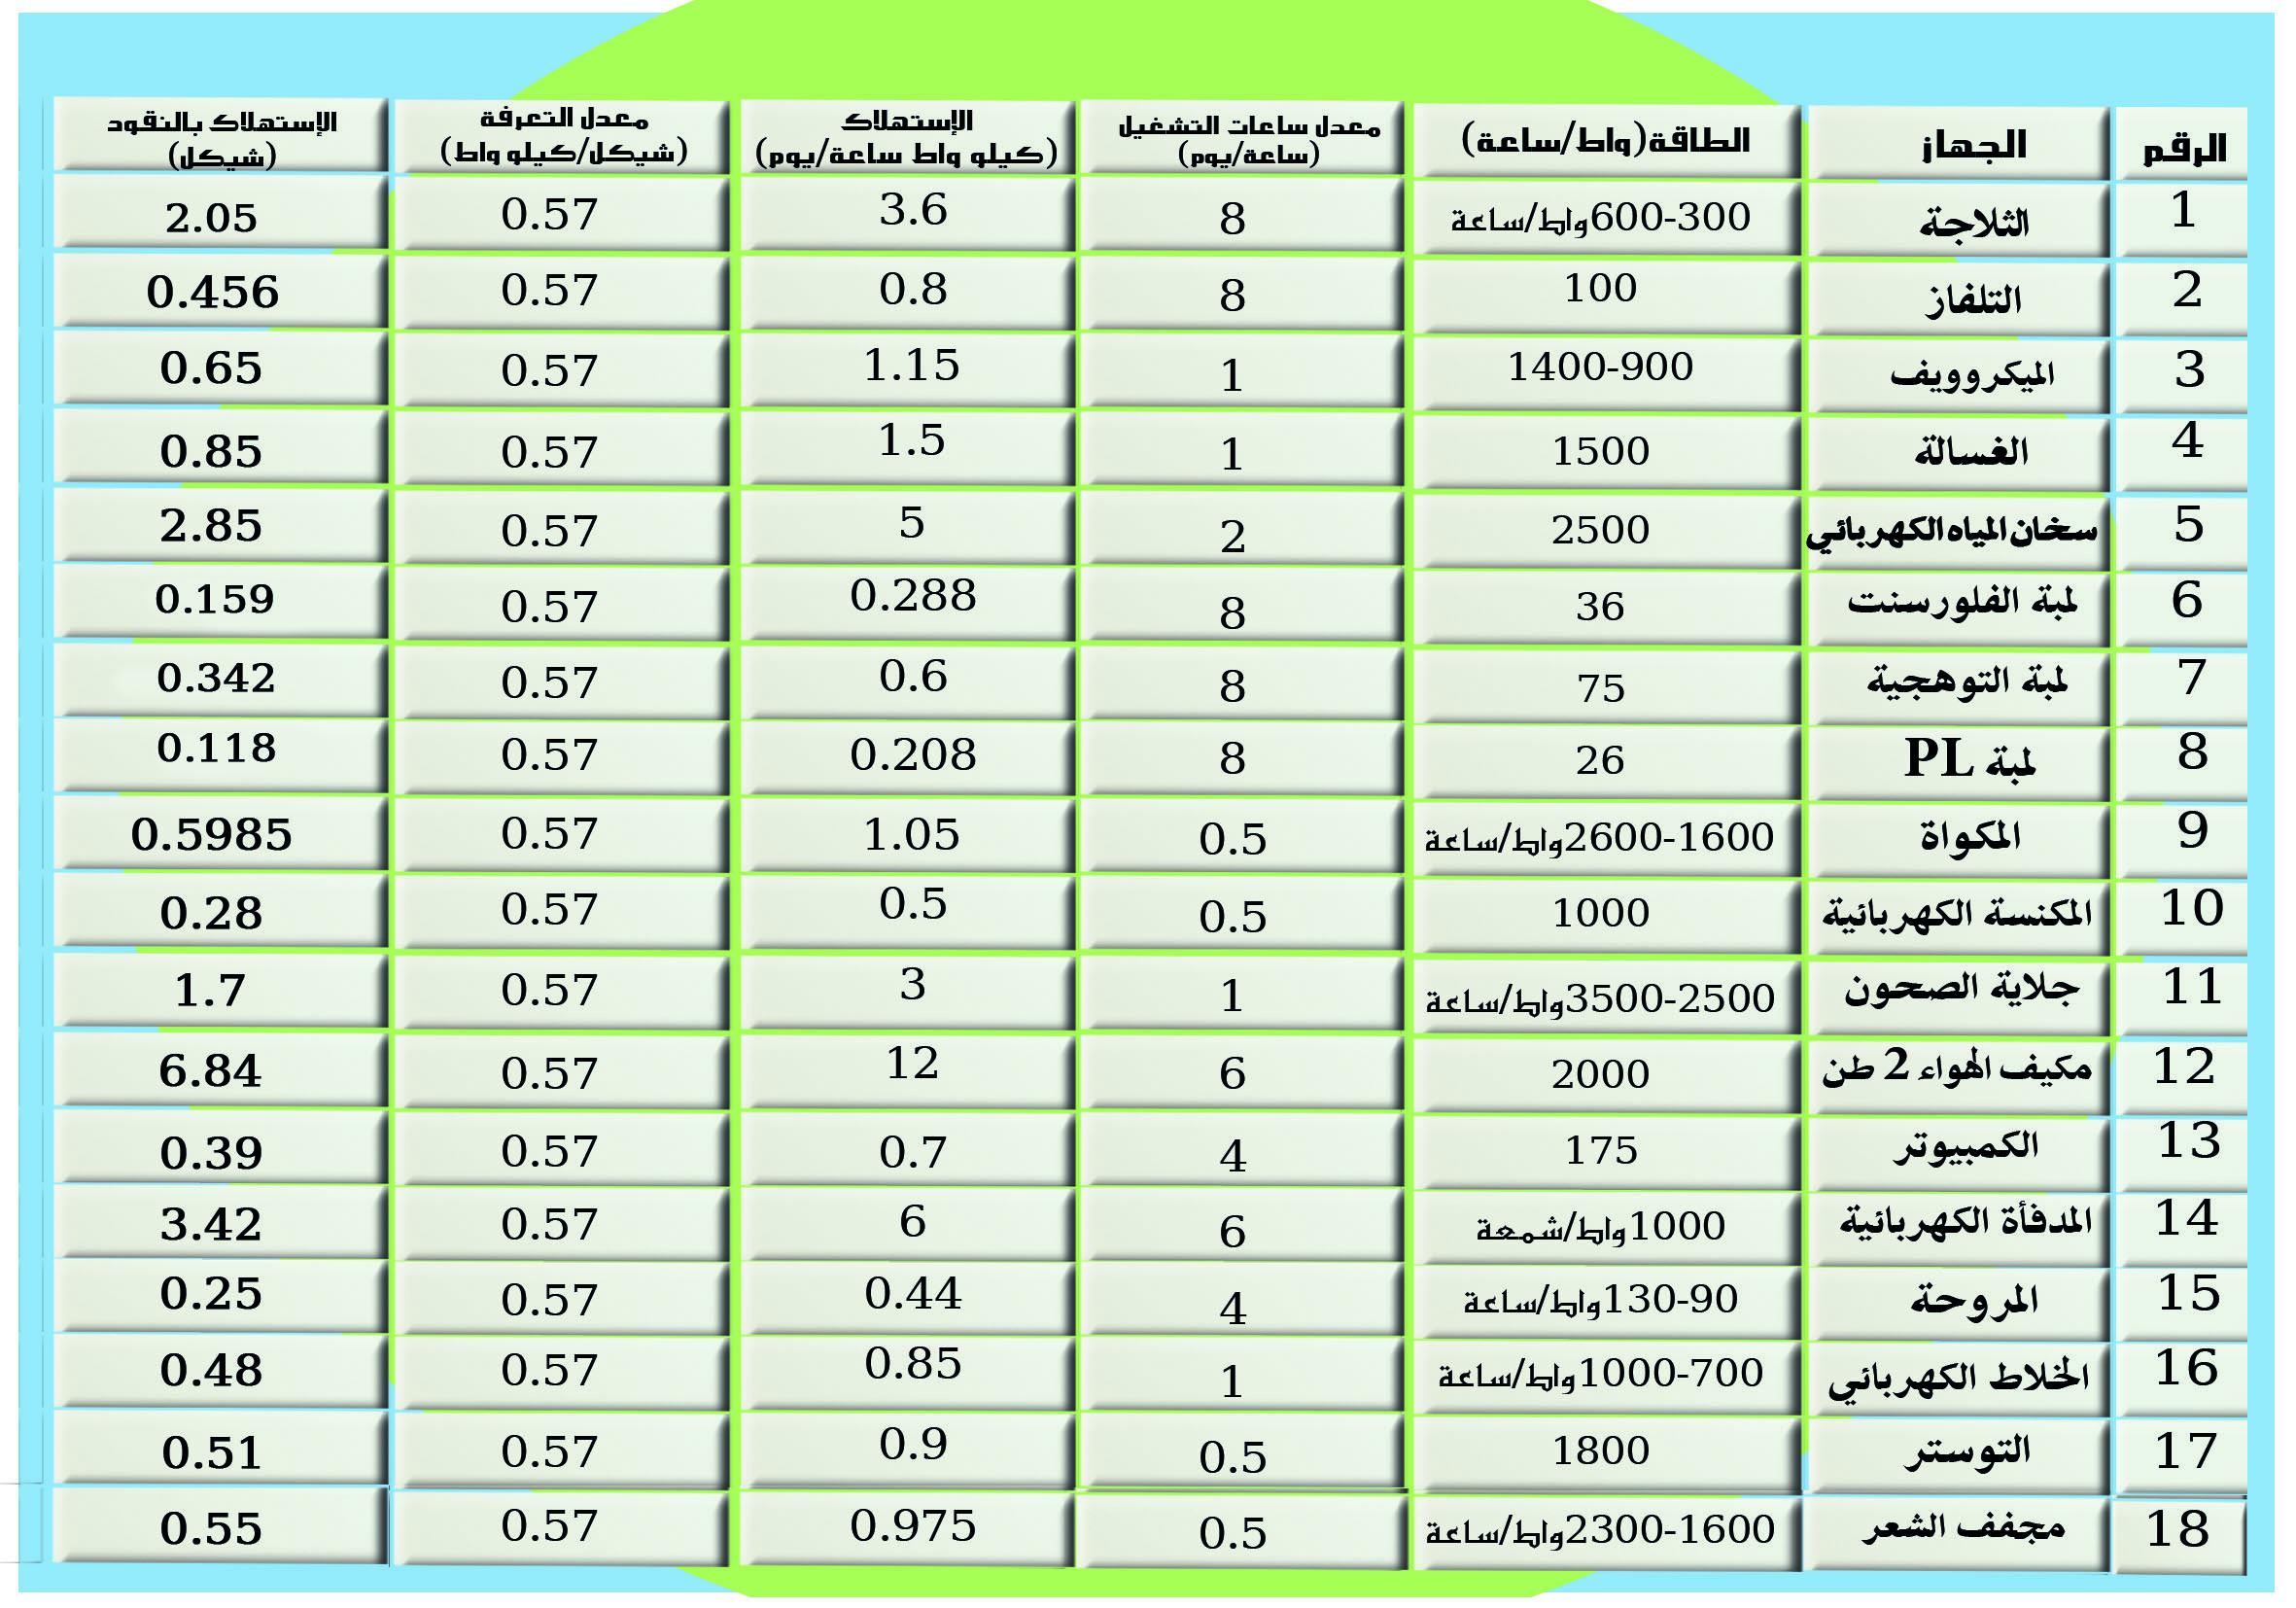 اسعار الكهرباء في فلسطين